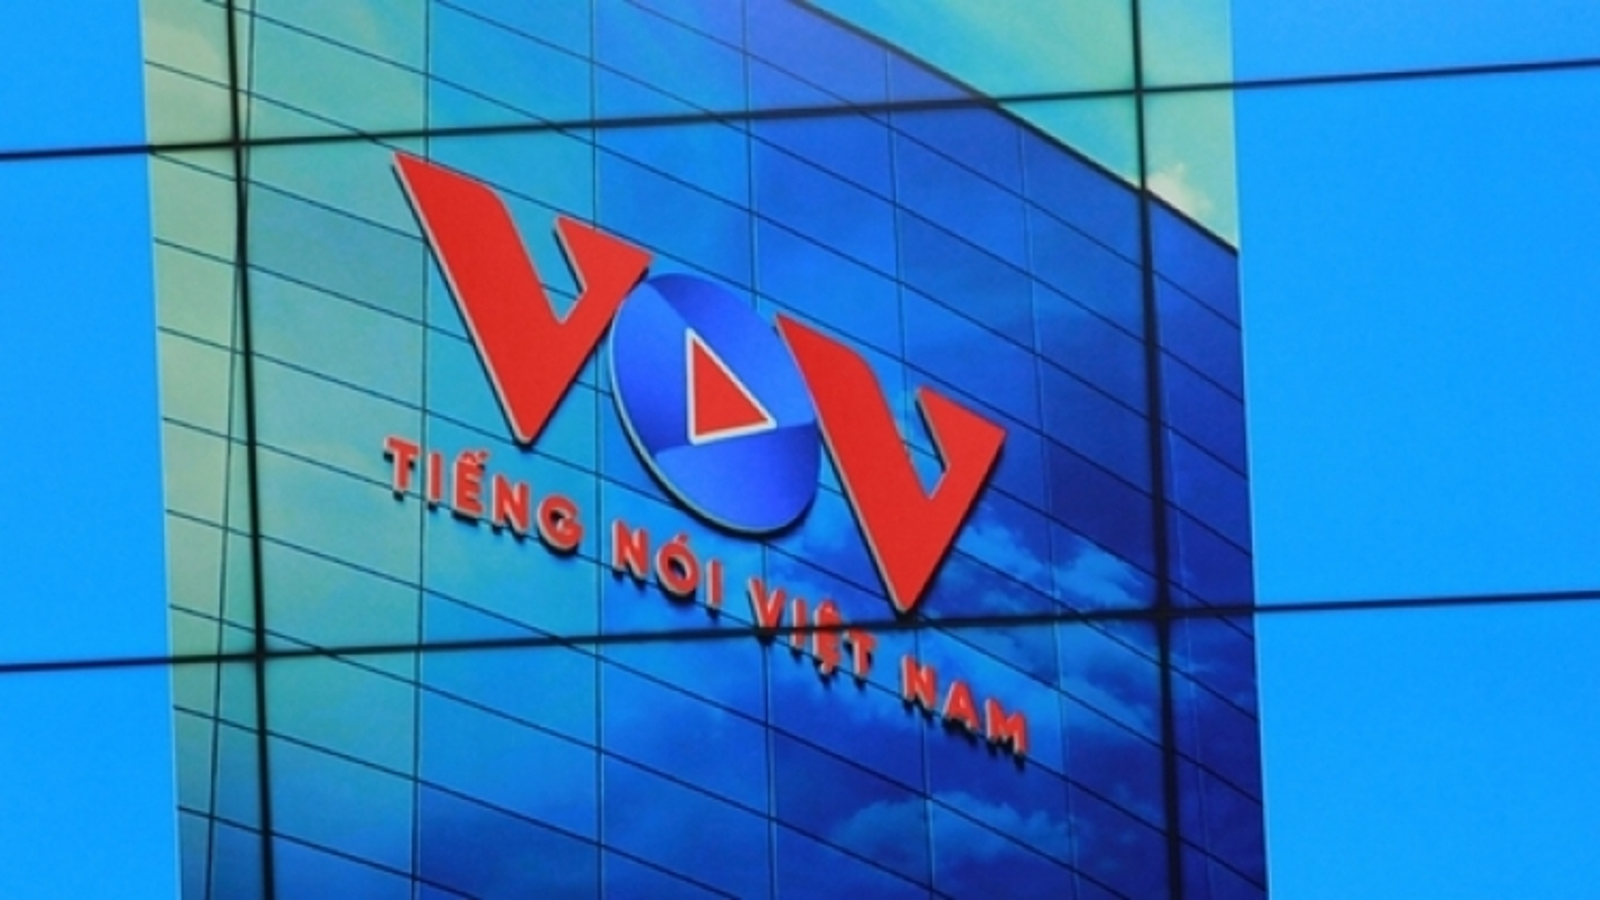 VOV tuyển dụng viên chức cho Ban Kế hoạch - Tài chính